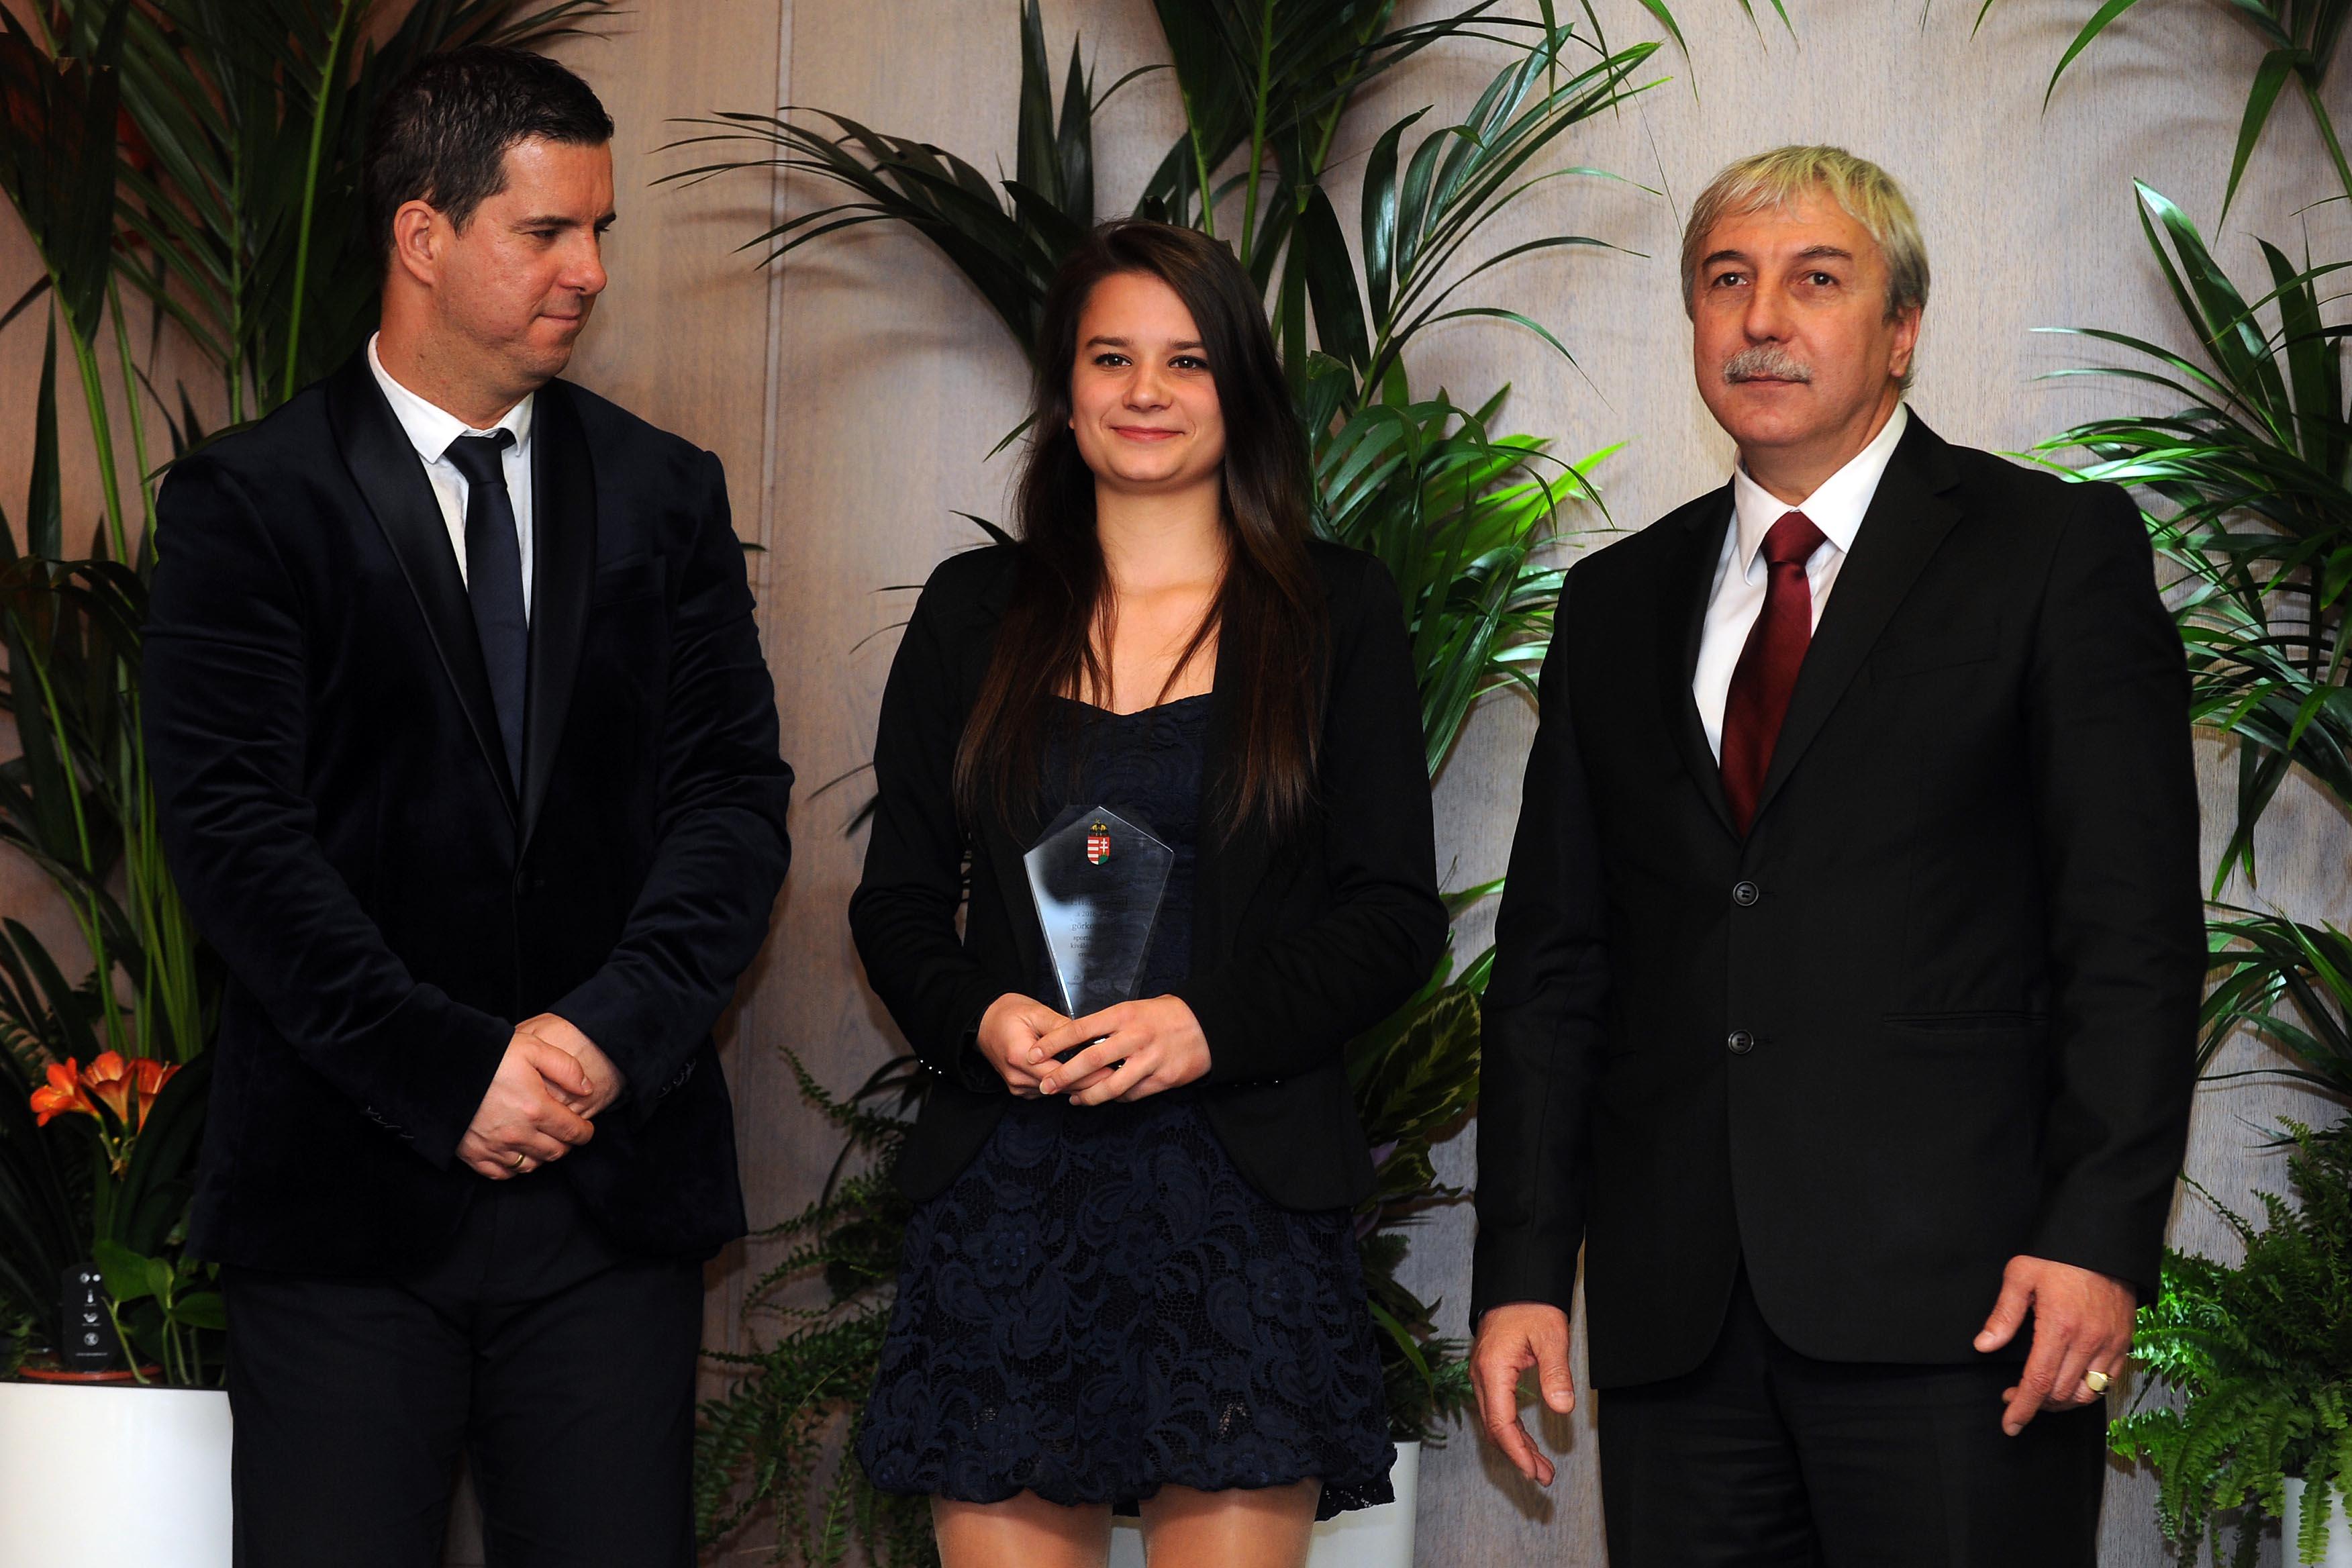 Világklasszisokat díjaztak ....Gardi Dominika a díjazottak között